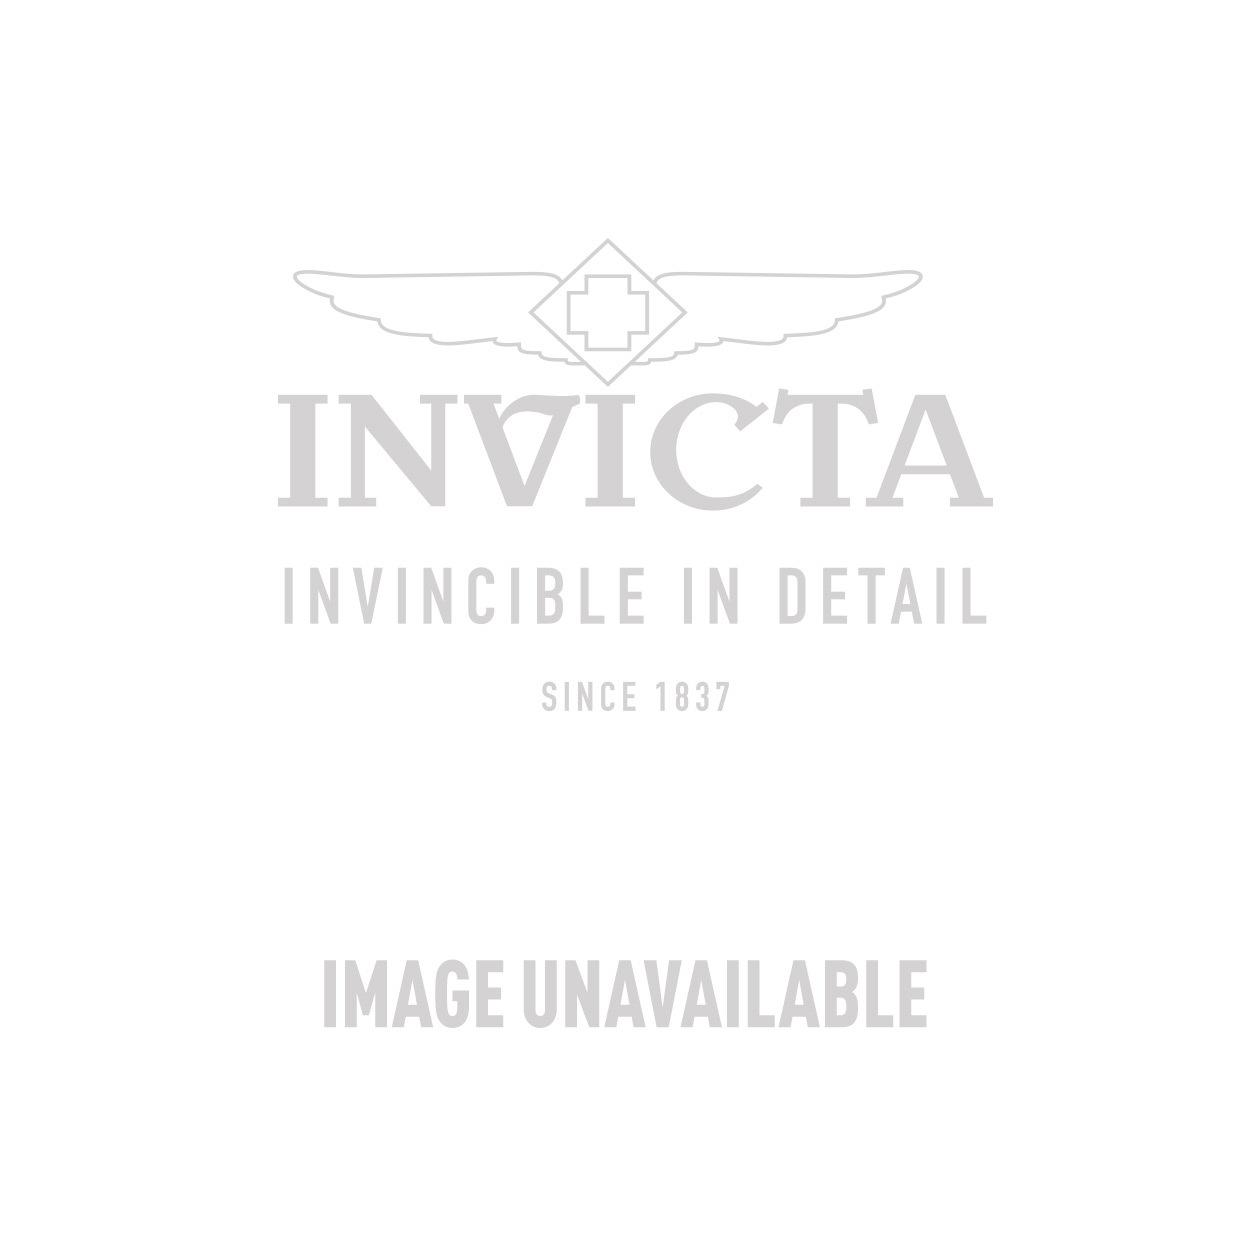 Invicta Model 24637